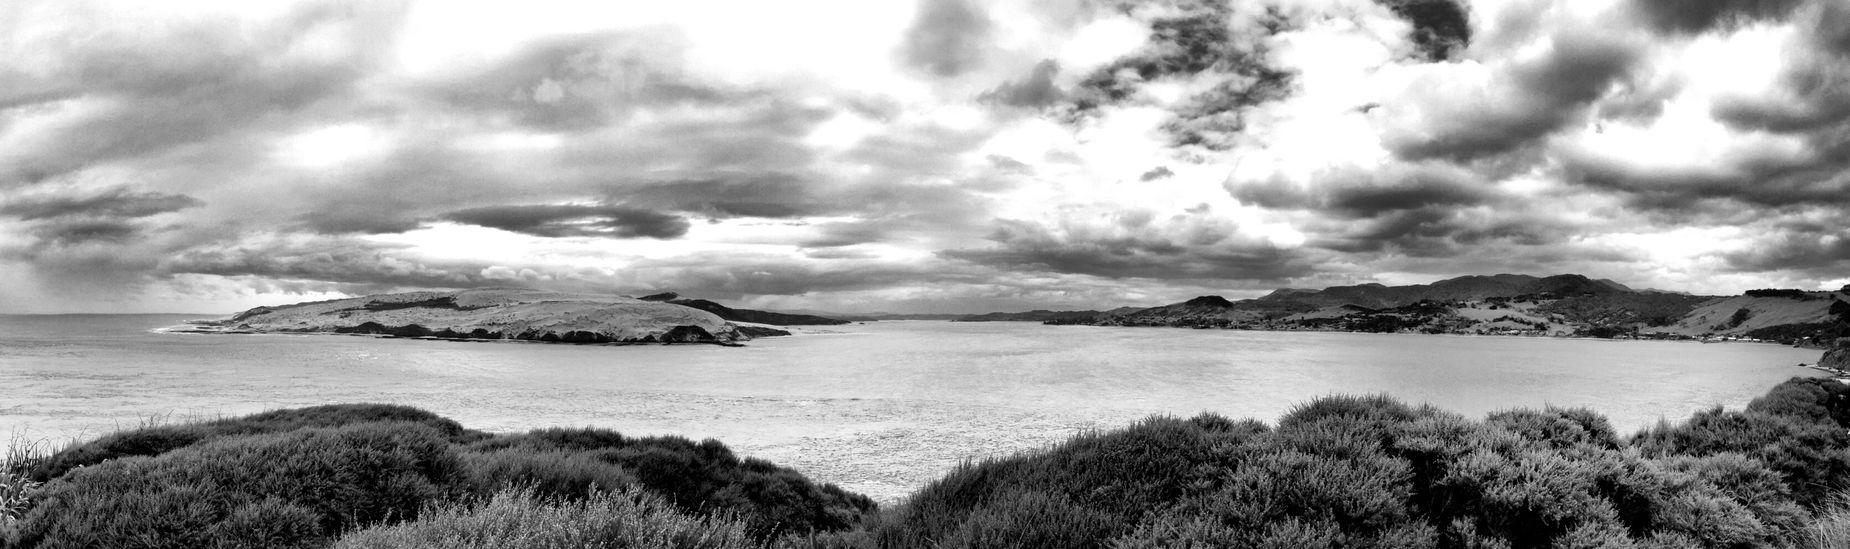 Blackandwhite Panorama New Zealand